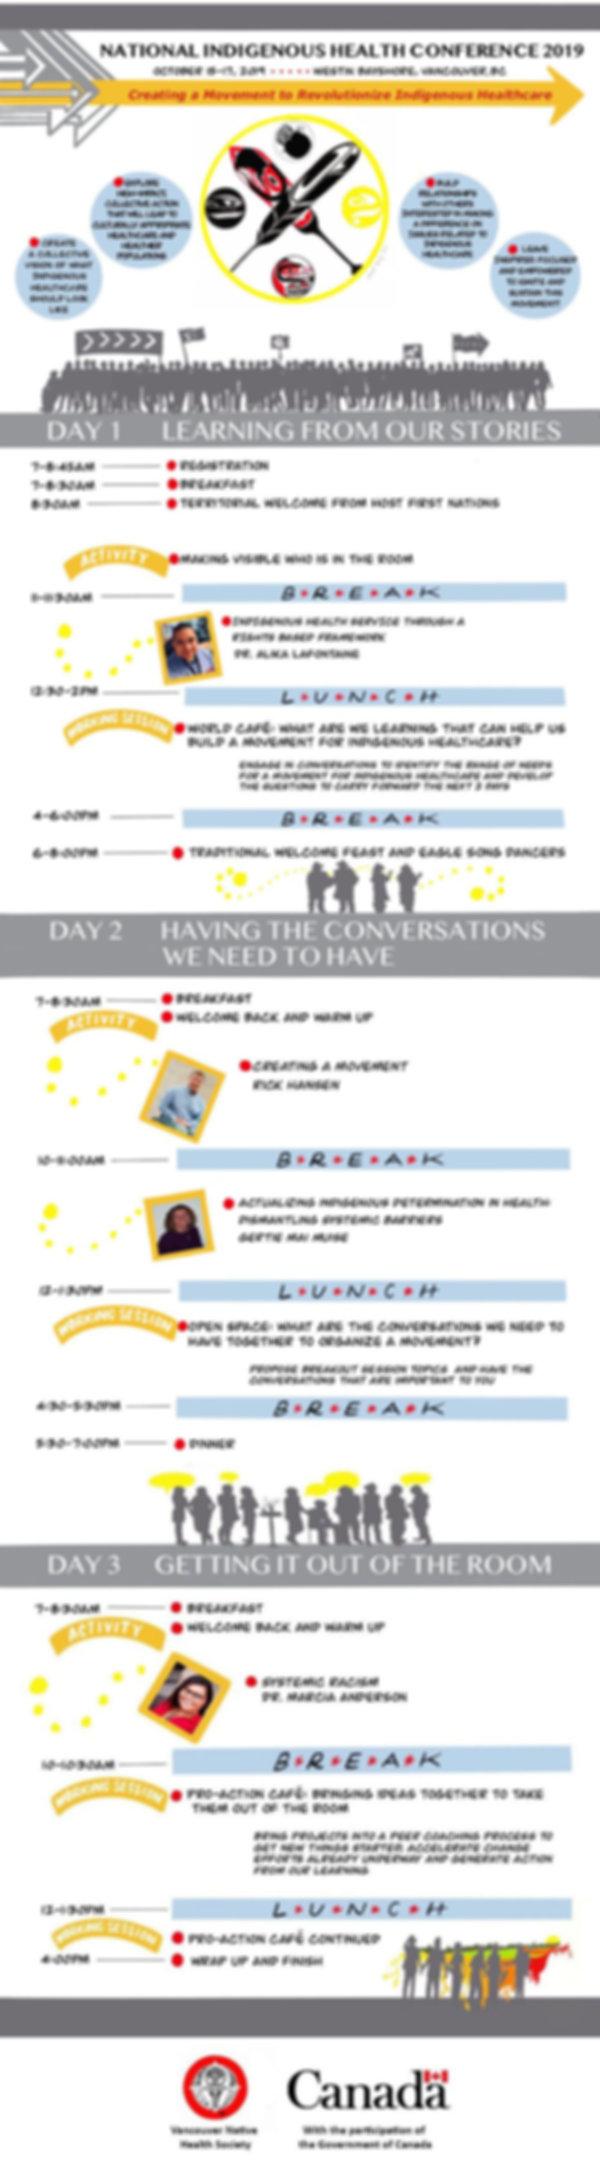 Visual Agenda Version Sept 23.jpg